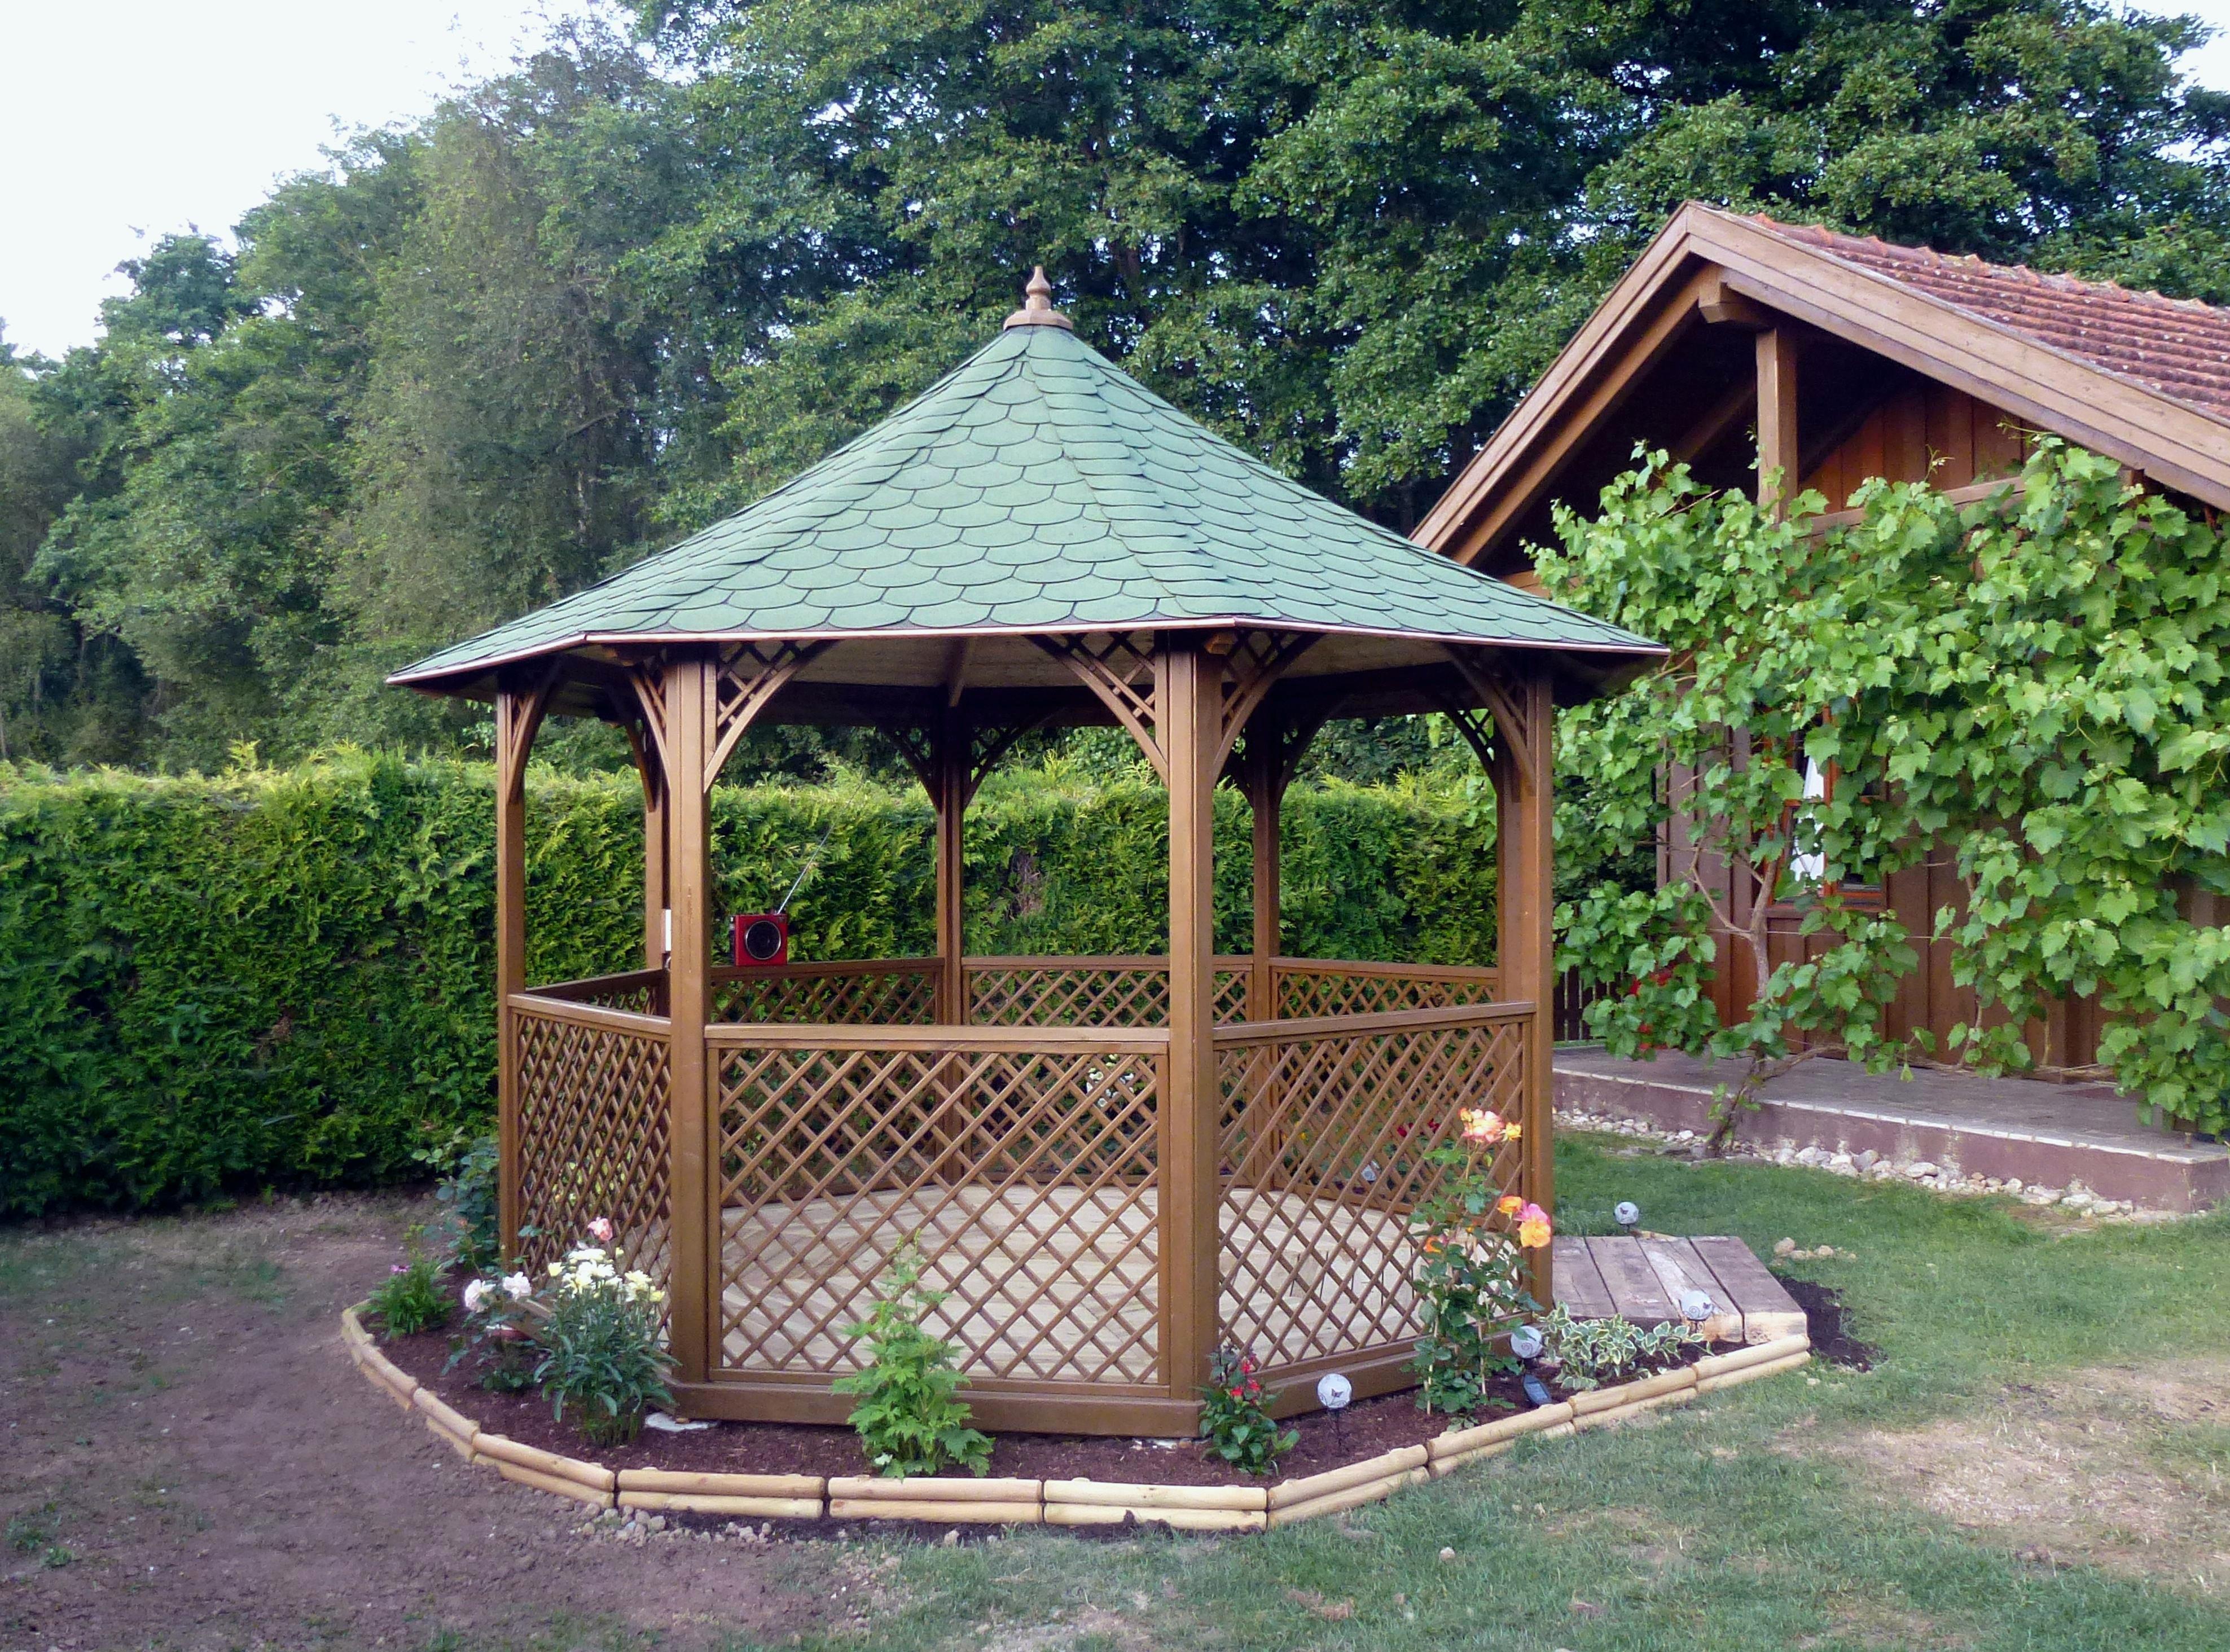 Coffre De Jardin Castorama Frais Images Cabane De Jardin Castorama Pour Regard solennel Abri De Jardin Pvc